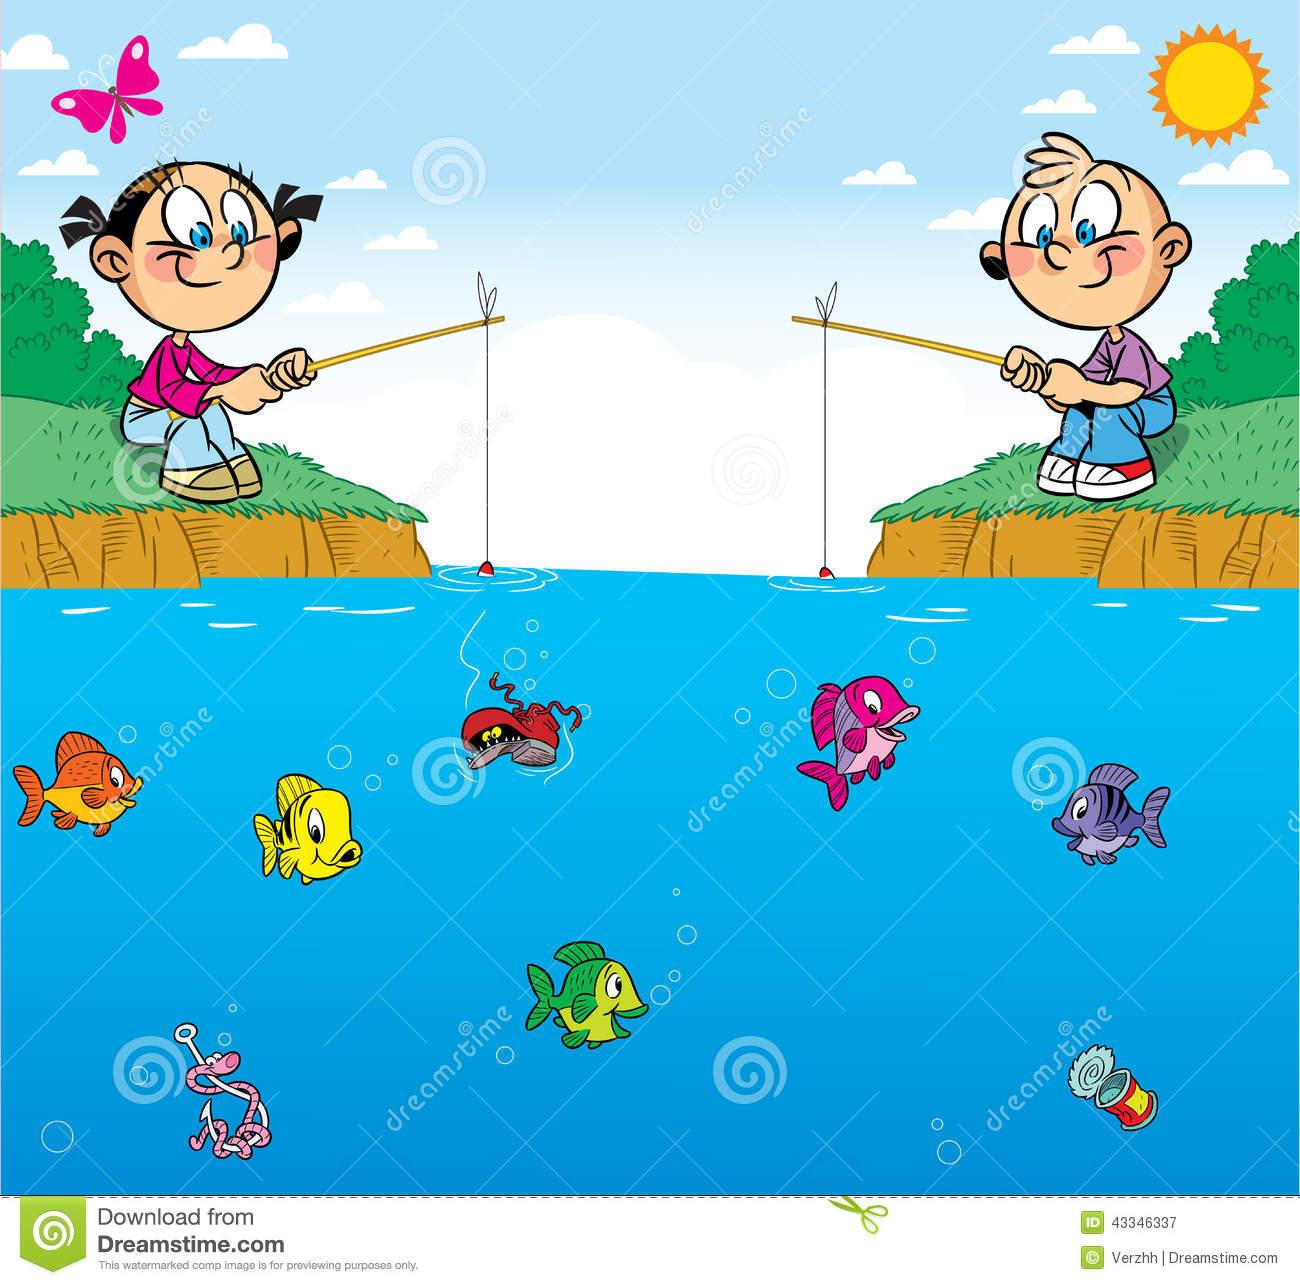 Illustration clipart boy fishing Result Cartoons cartoon boy Image